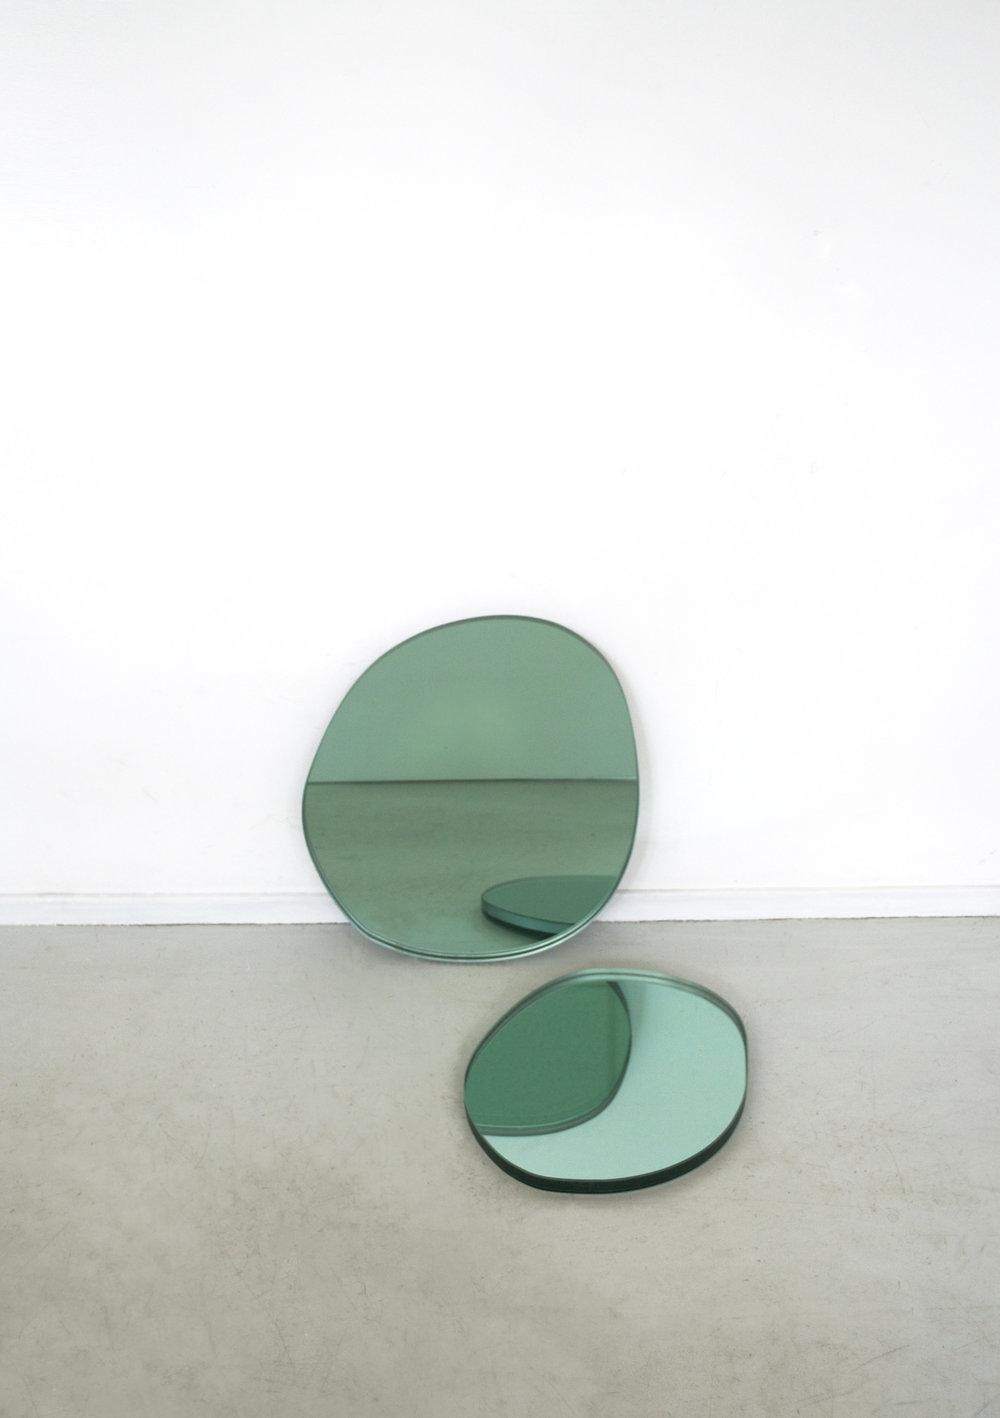 Seeing_glass_off_round_green_Britvannerven_Sabinemarcelis.jpg